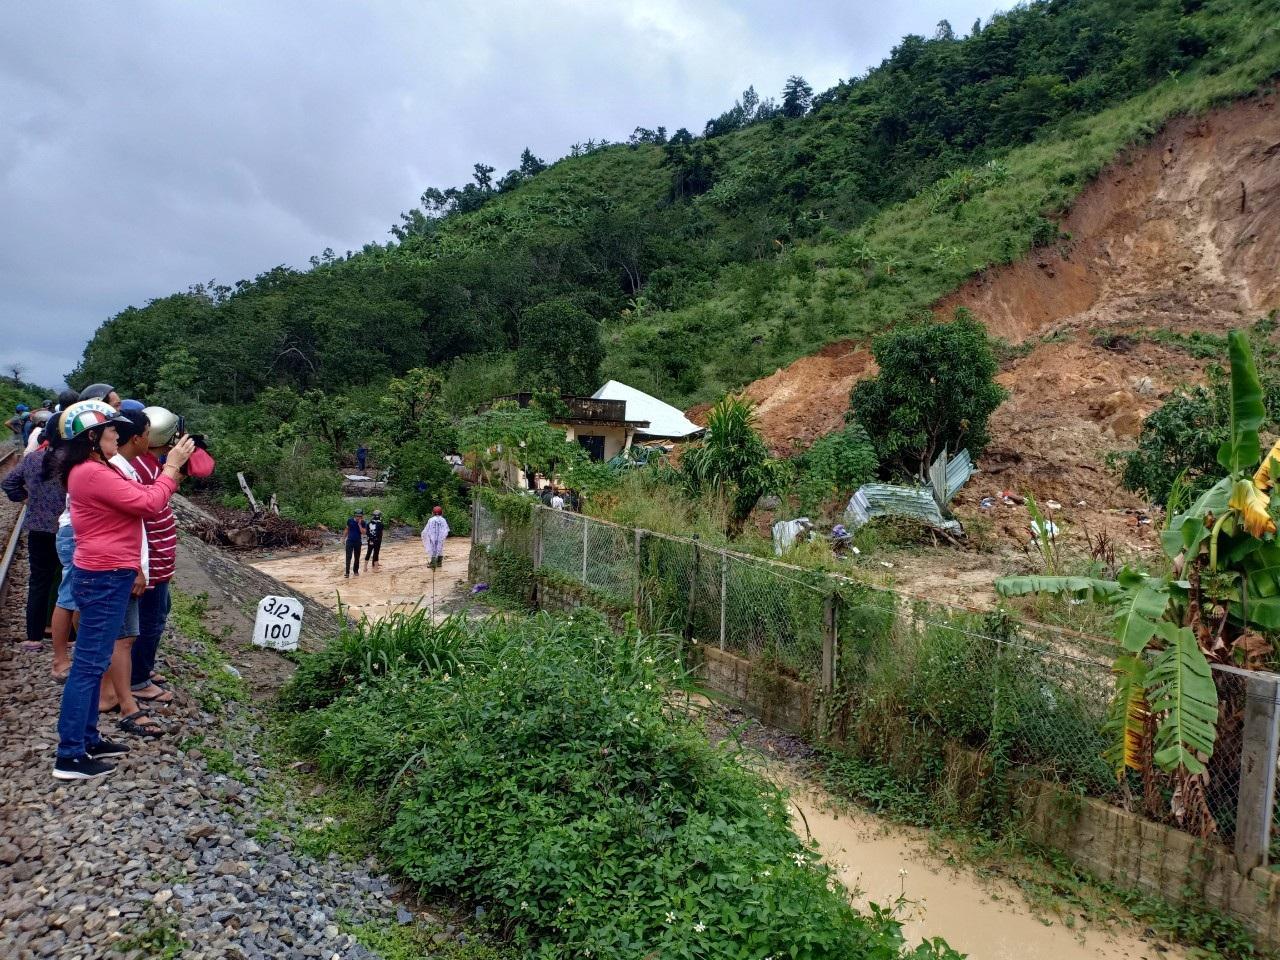 Nhân chứng kể về vụ lở đất khiến 3 người cùng một gia đình tử vong - Ảnh 2.